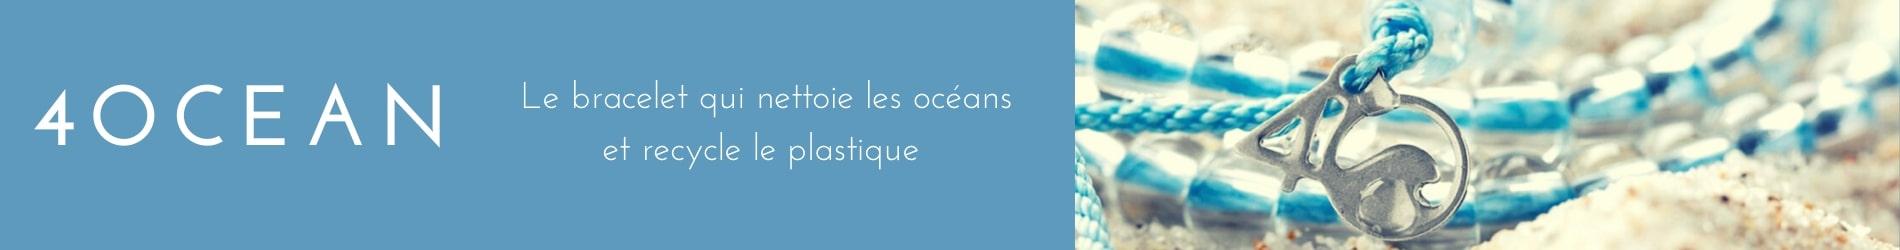 4ocean-nettoyer-ocean-plastique-recycler-bracelet-free-spirited